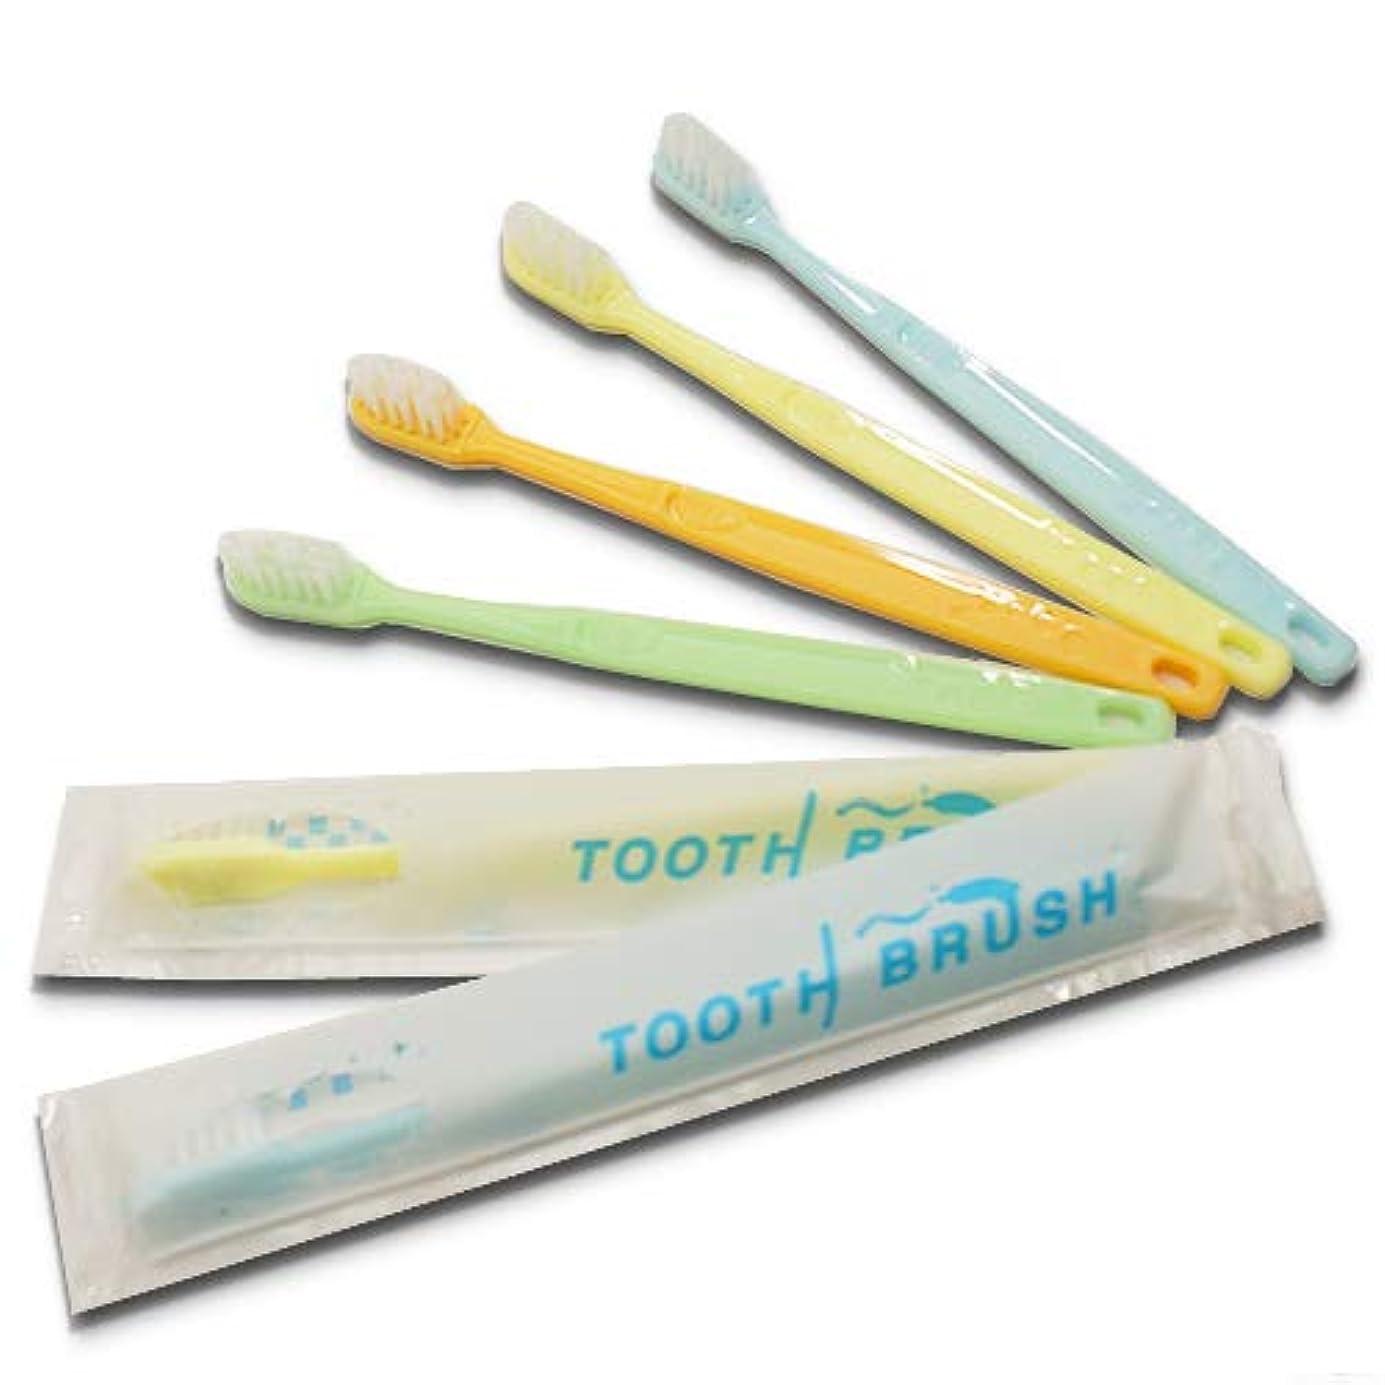 見出し歌消化業務用インスタントハブラシ 100本 歯みがき粉付着タイプ 国産│使い捨て歯ブラシ 激安 カラー ビジネスホテル宿泊施設で